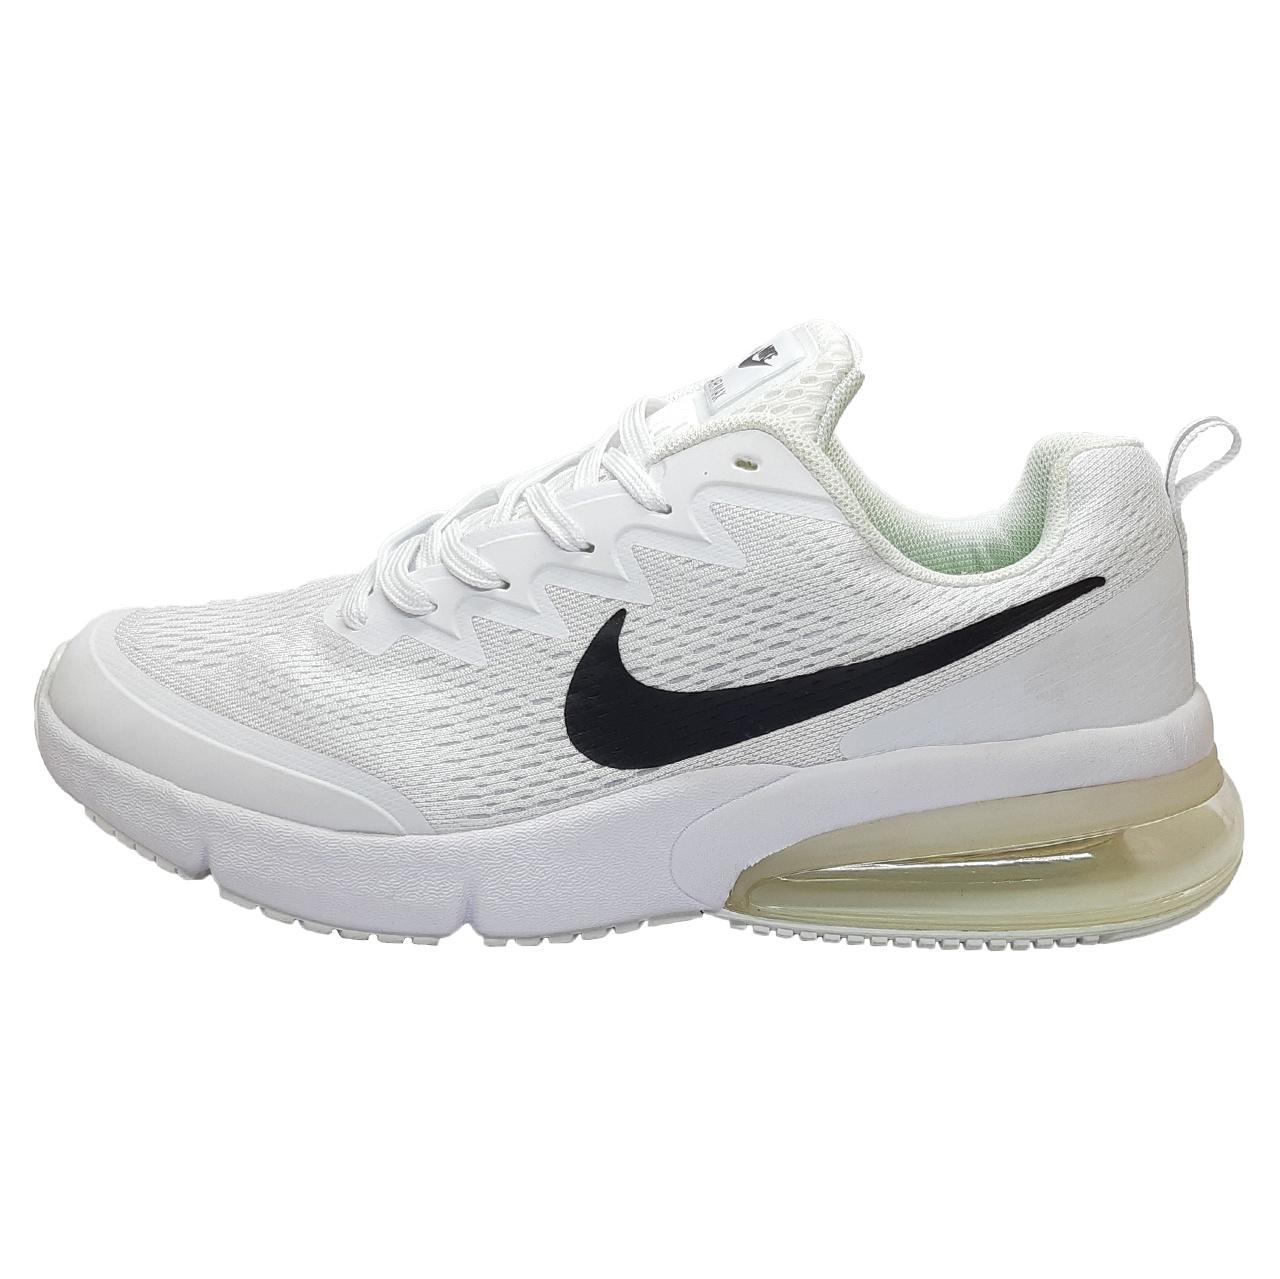 کفش مخصوص پیاده روی مردانه کد 3179